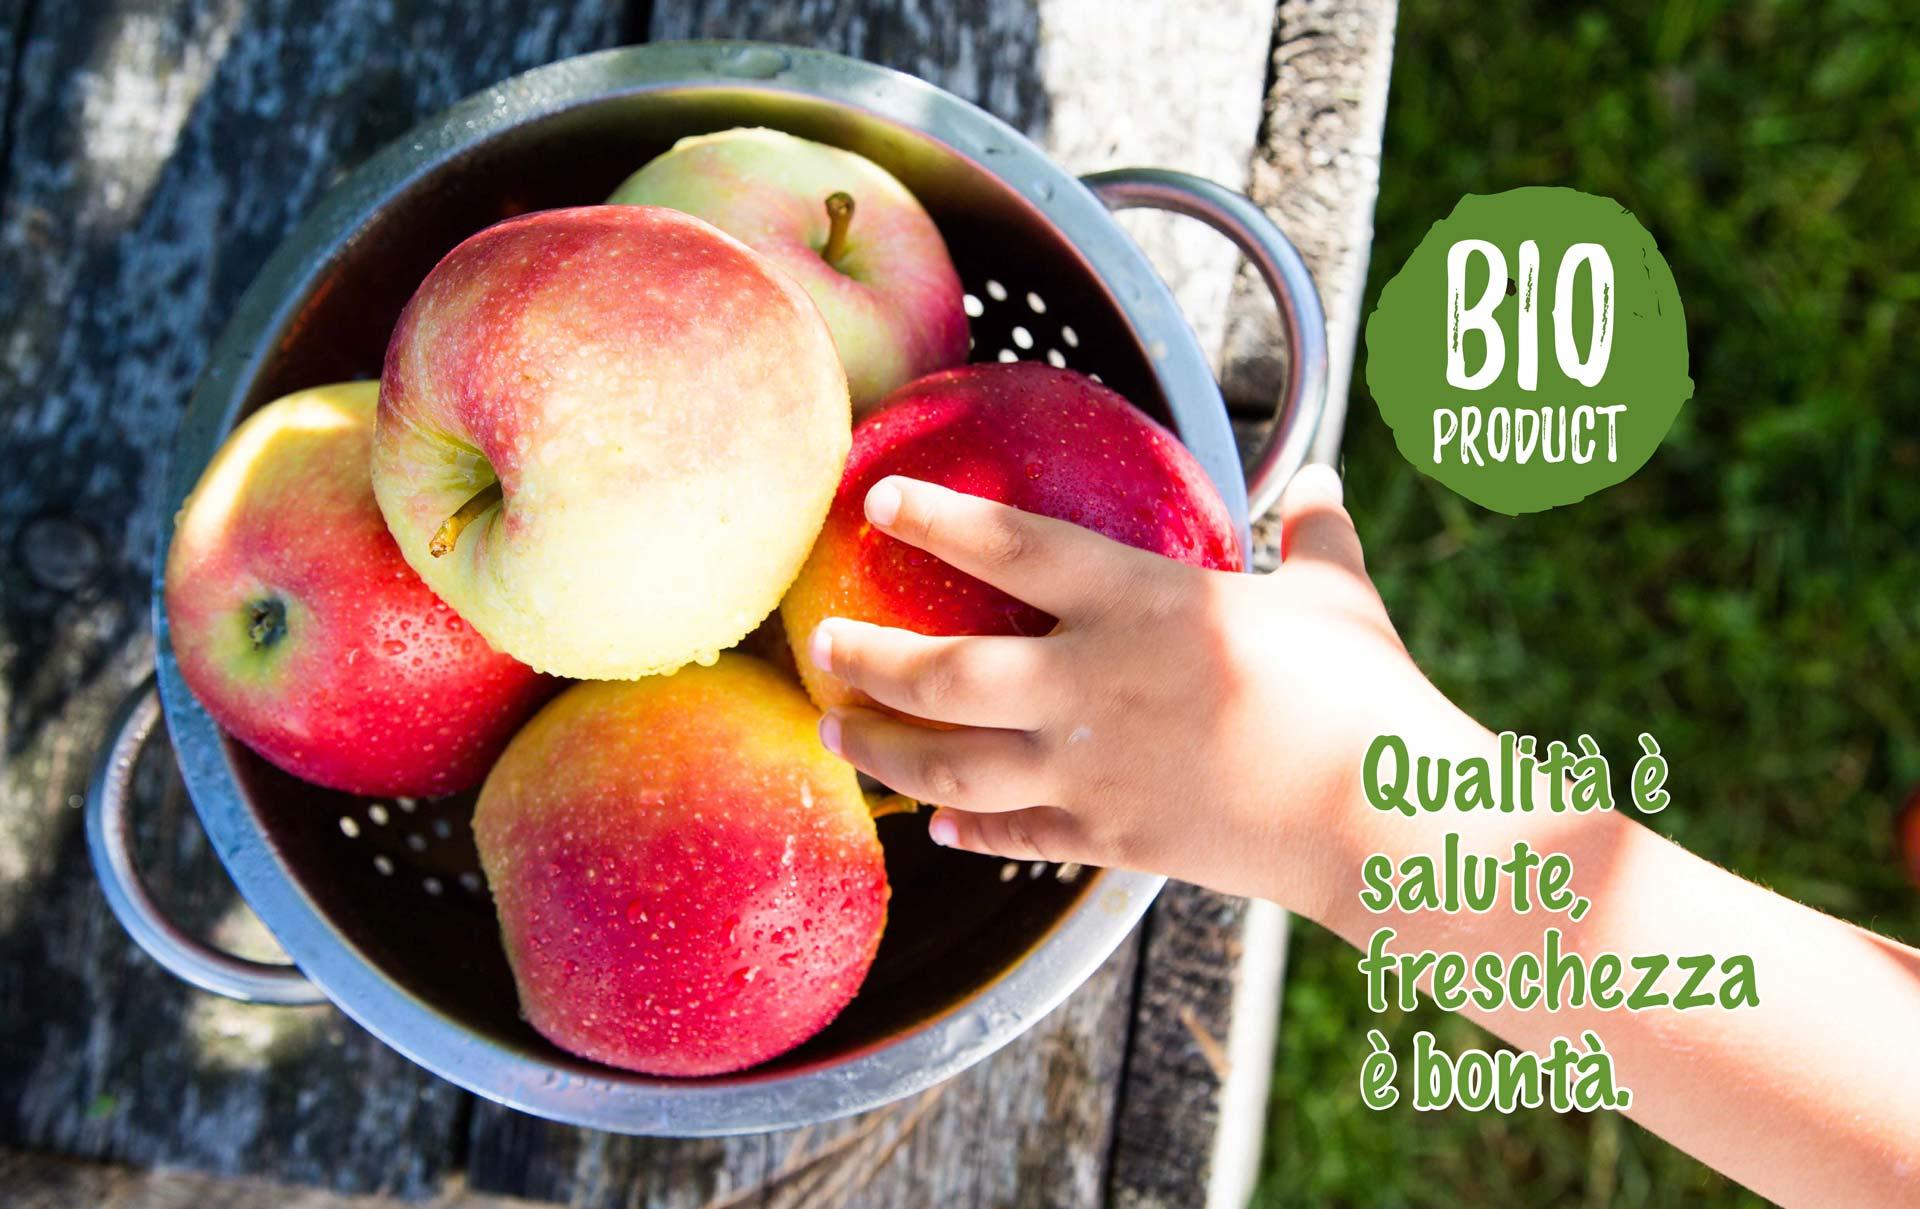 Prodotti BIO: qualità è salute, freschezza è bontà